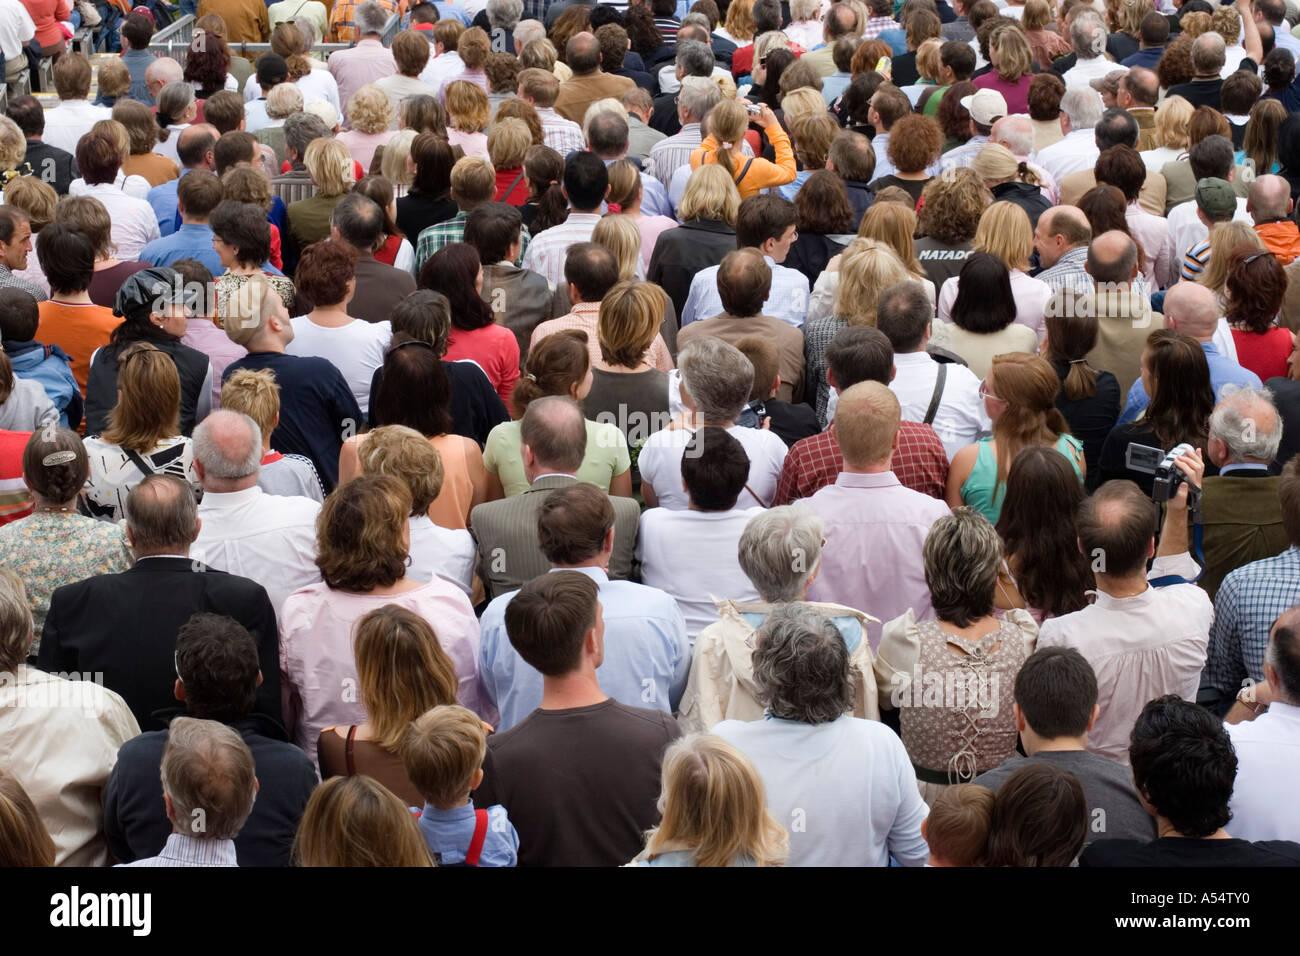 Publikum-Landshut-Bayern-Deutschland Stockbild